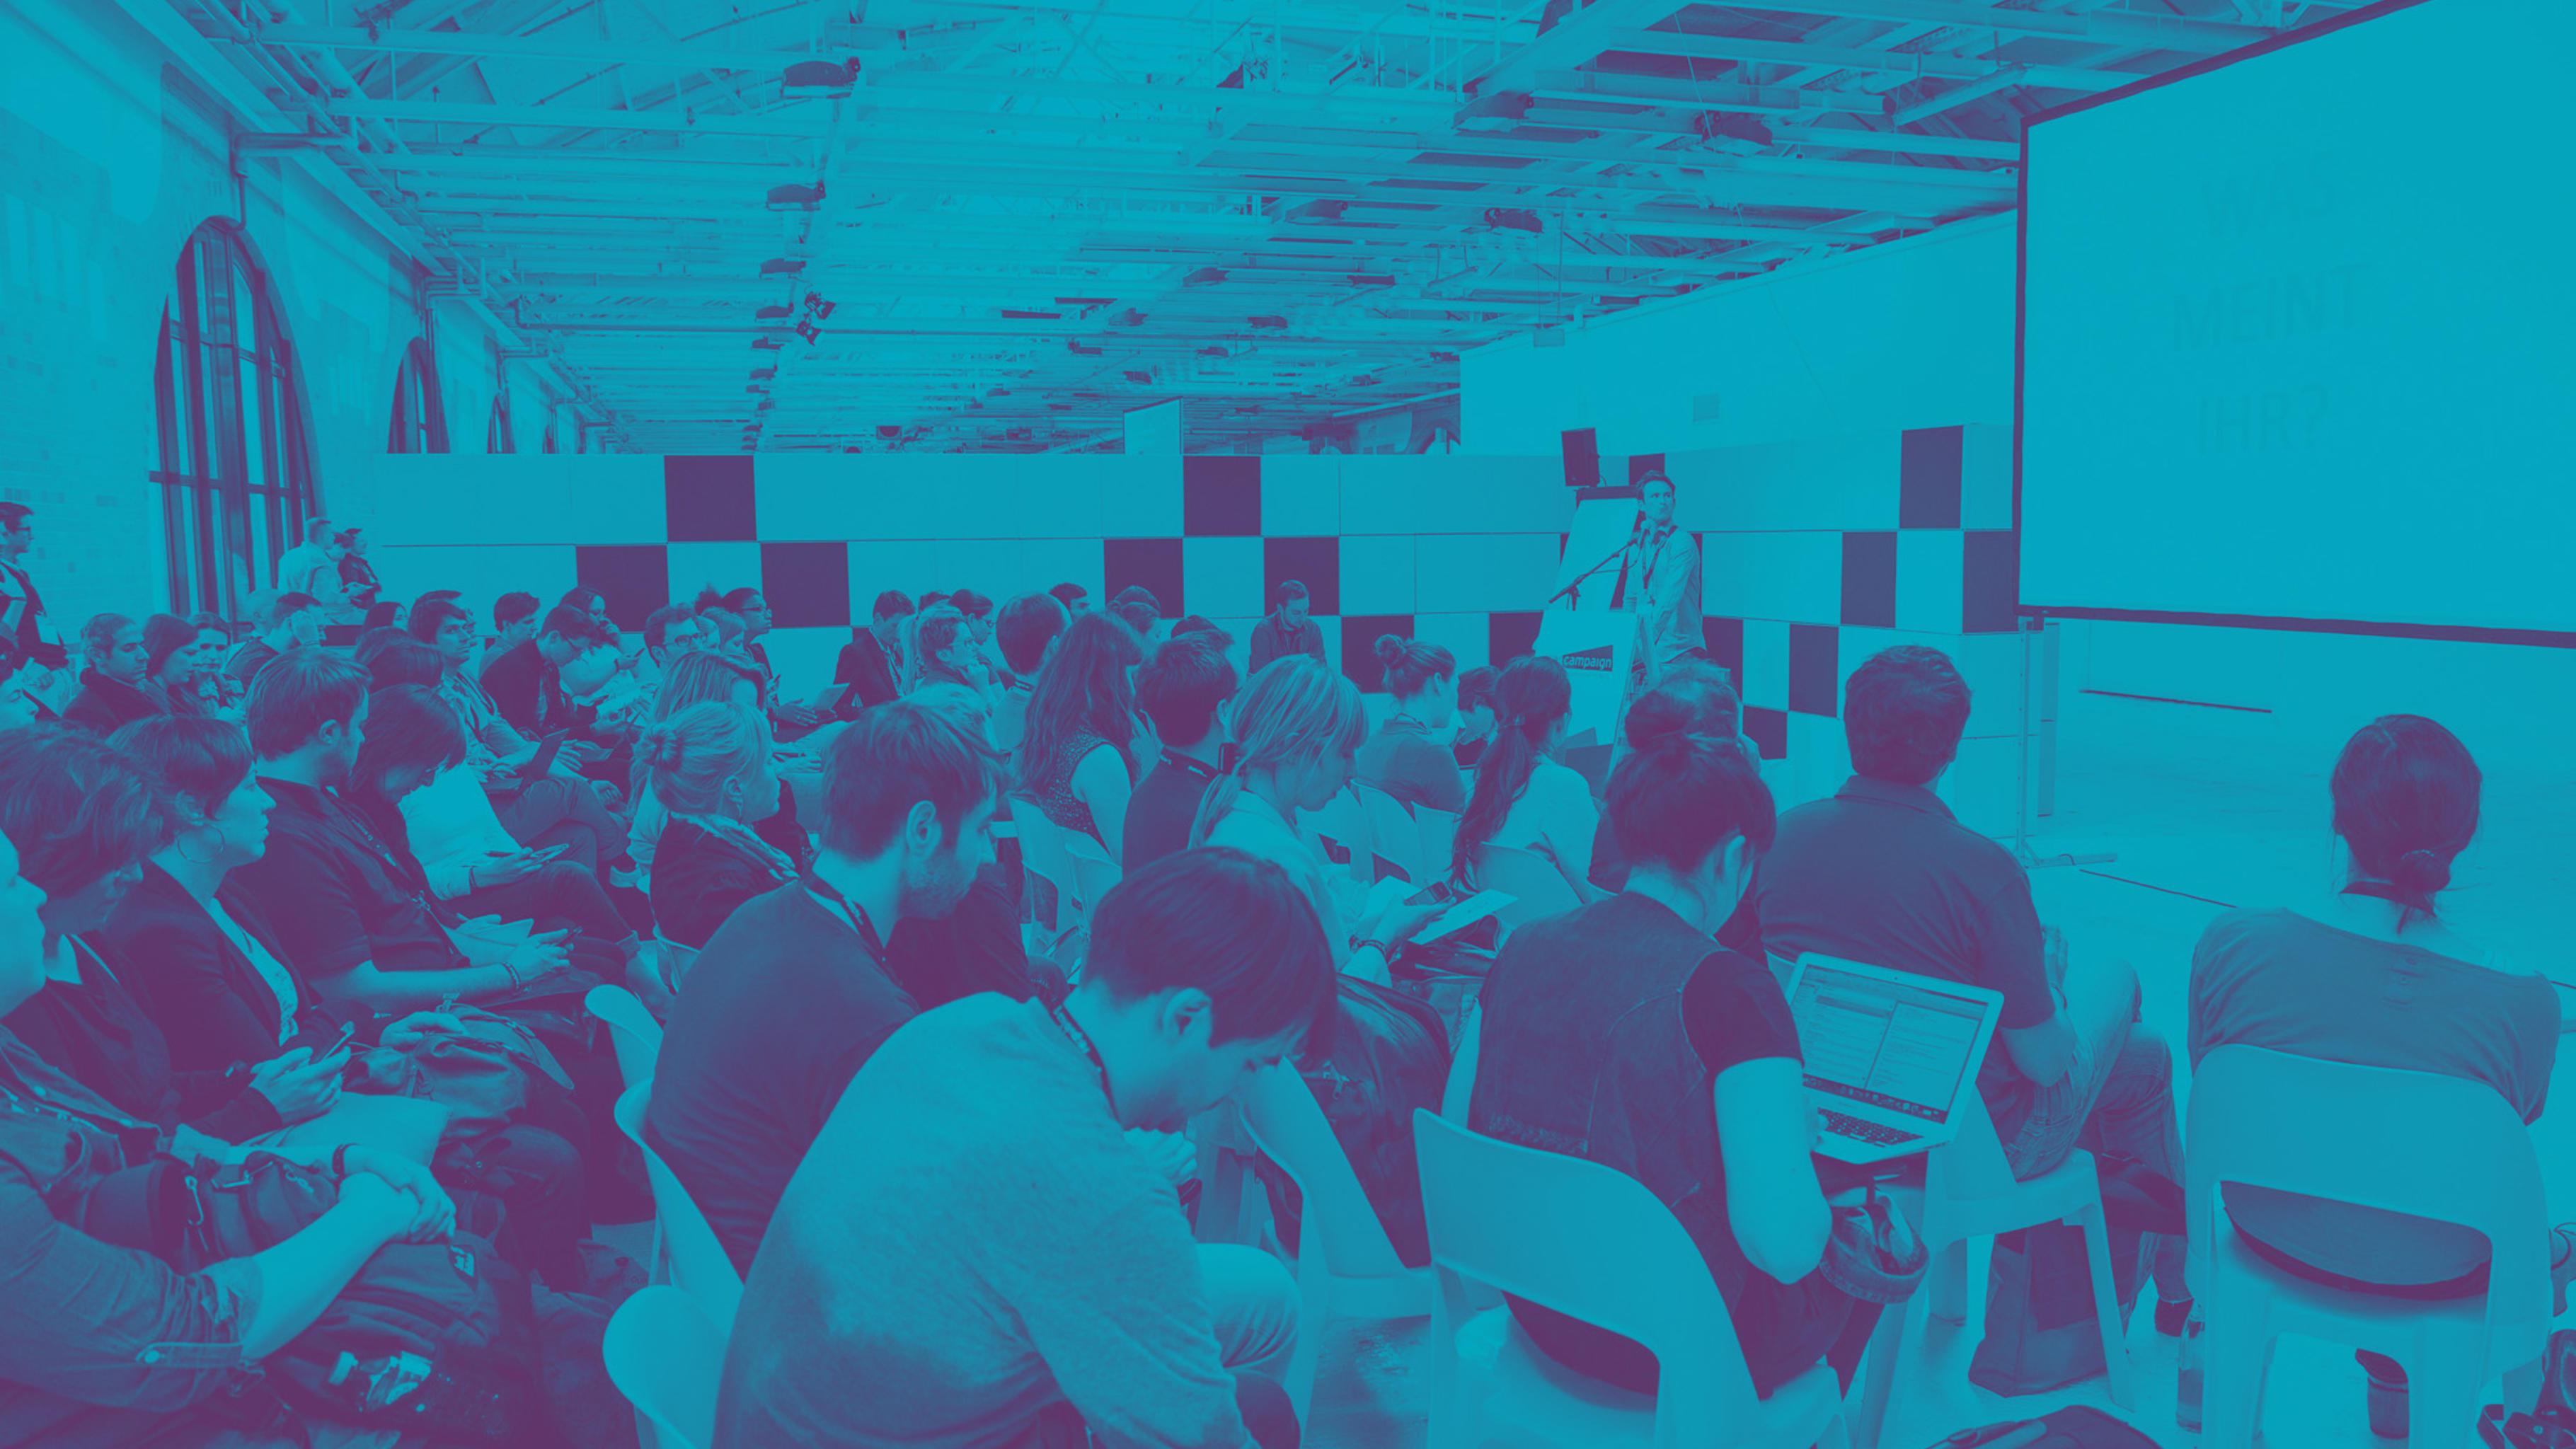 reCampaign 2014 - Strategien für die digitale Zivilgesellschaft